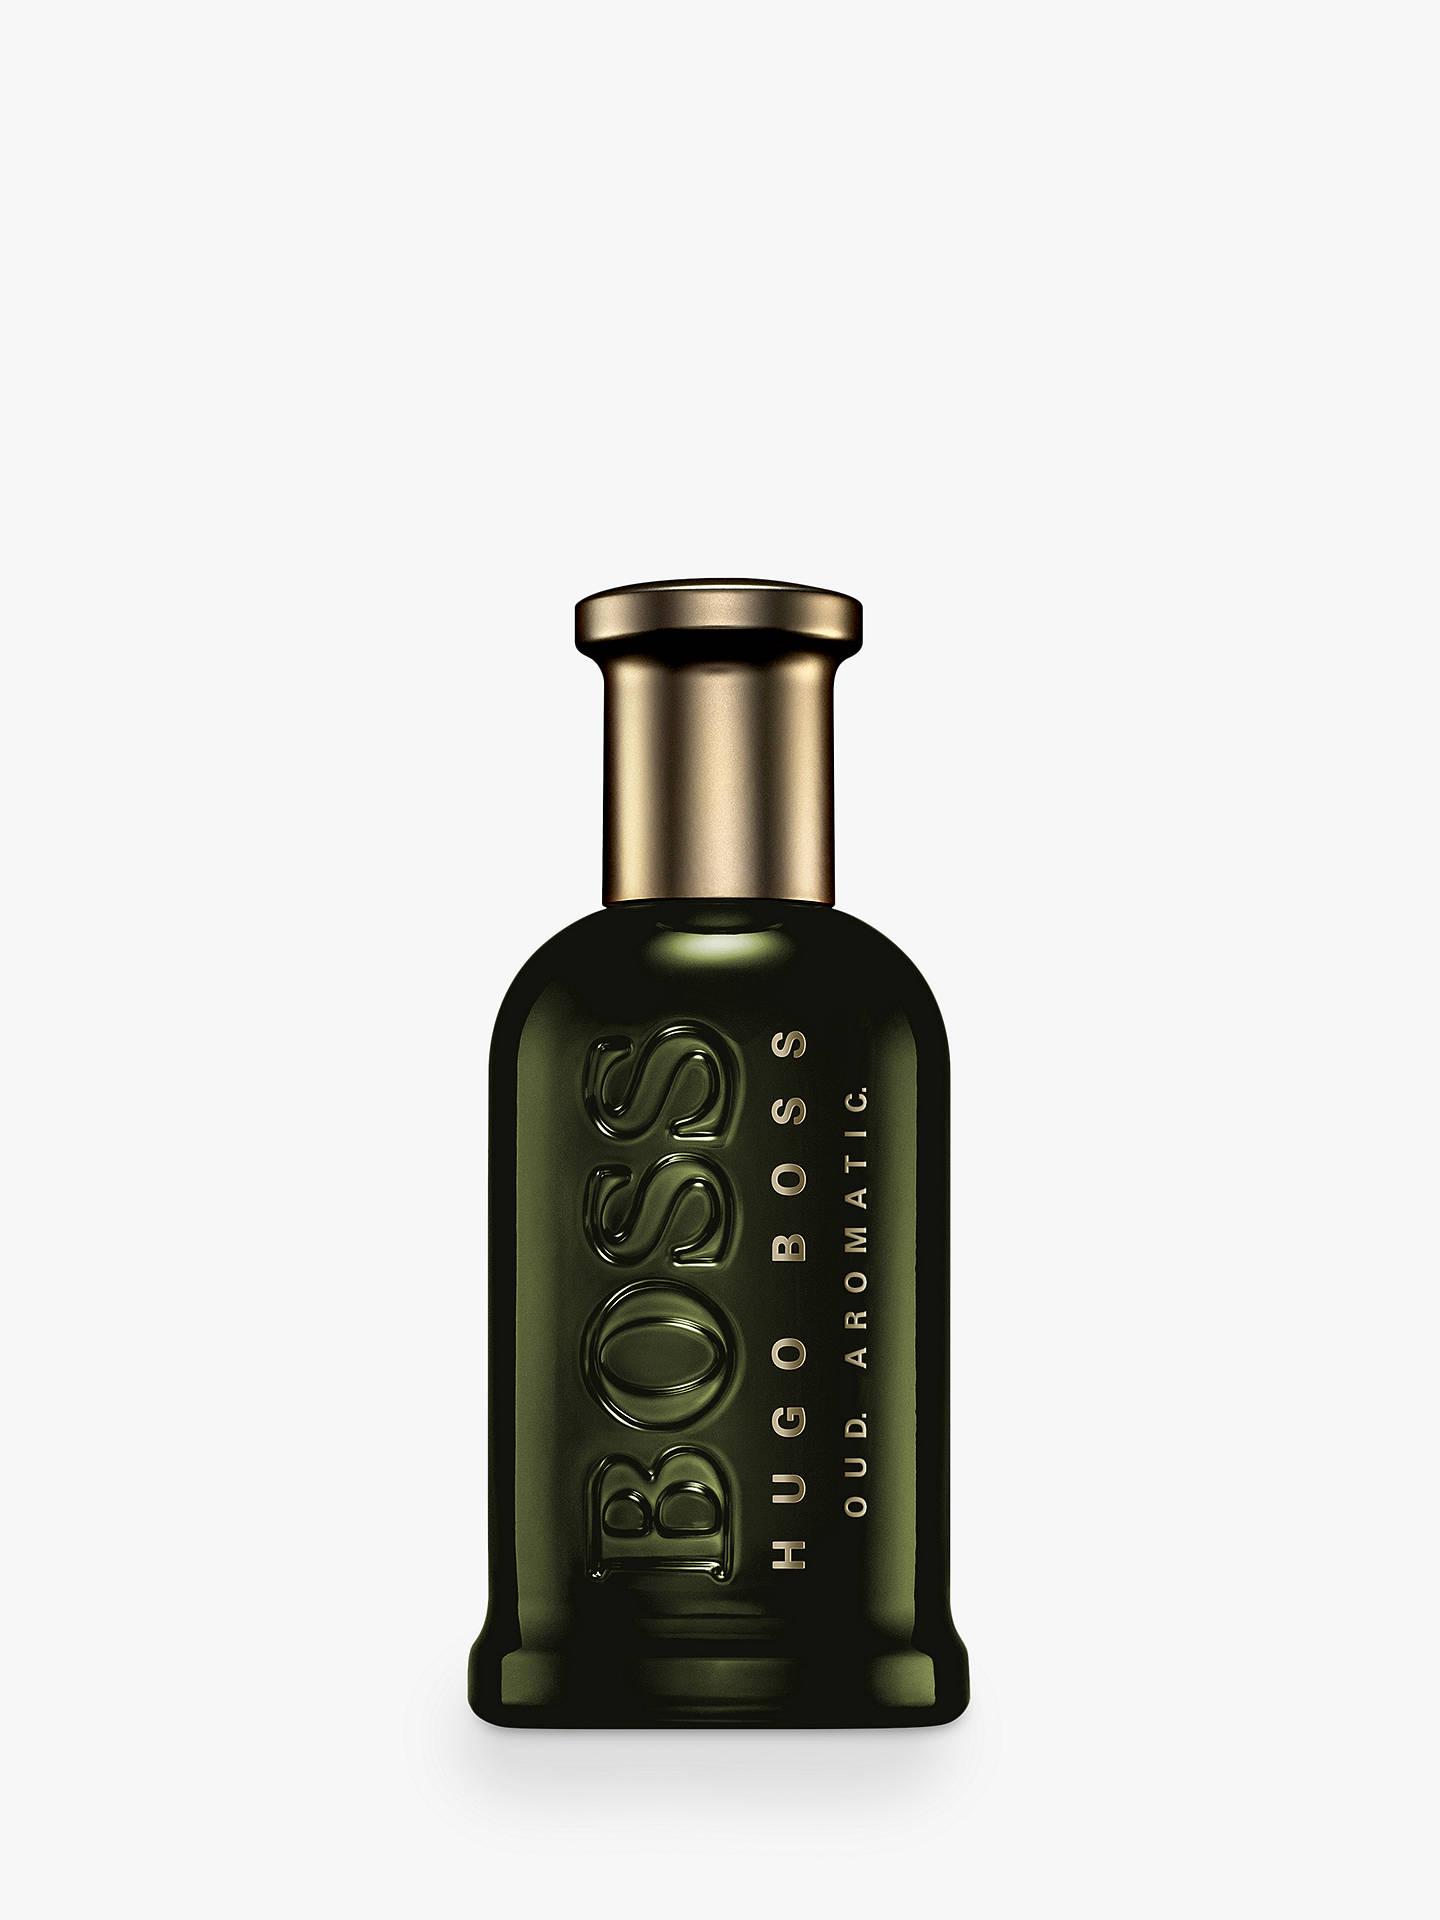 193acff9d602 Buy HUGO BOSS BOSS Oud Aromatic Eau de Parfum, Limited Edition, 100ml  Online at ...